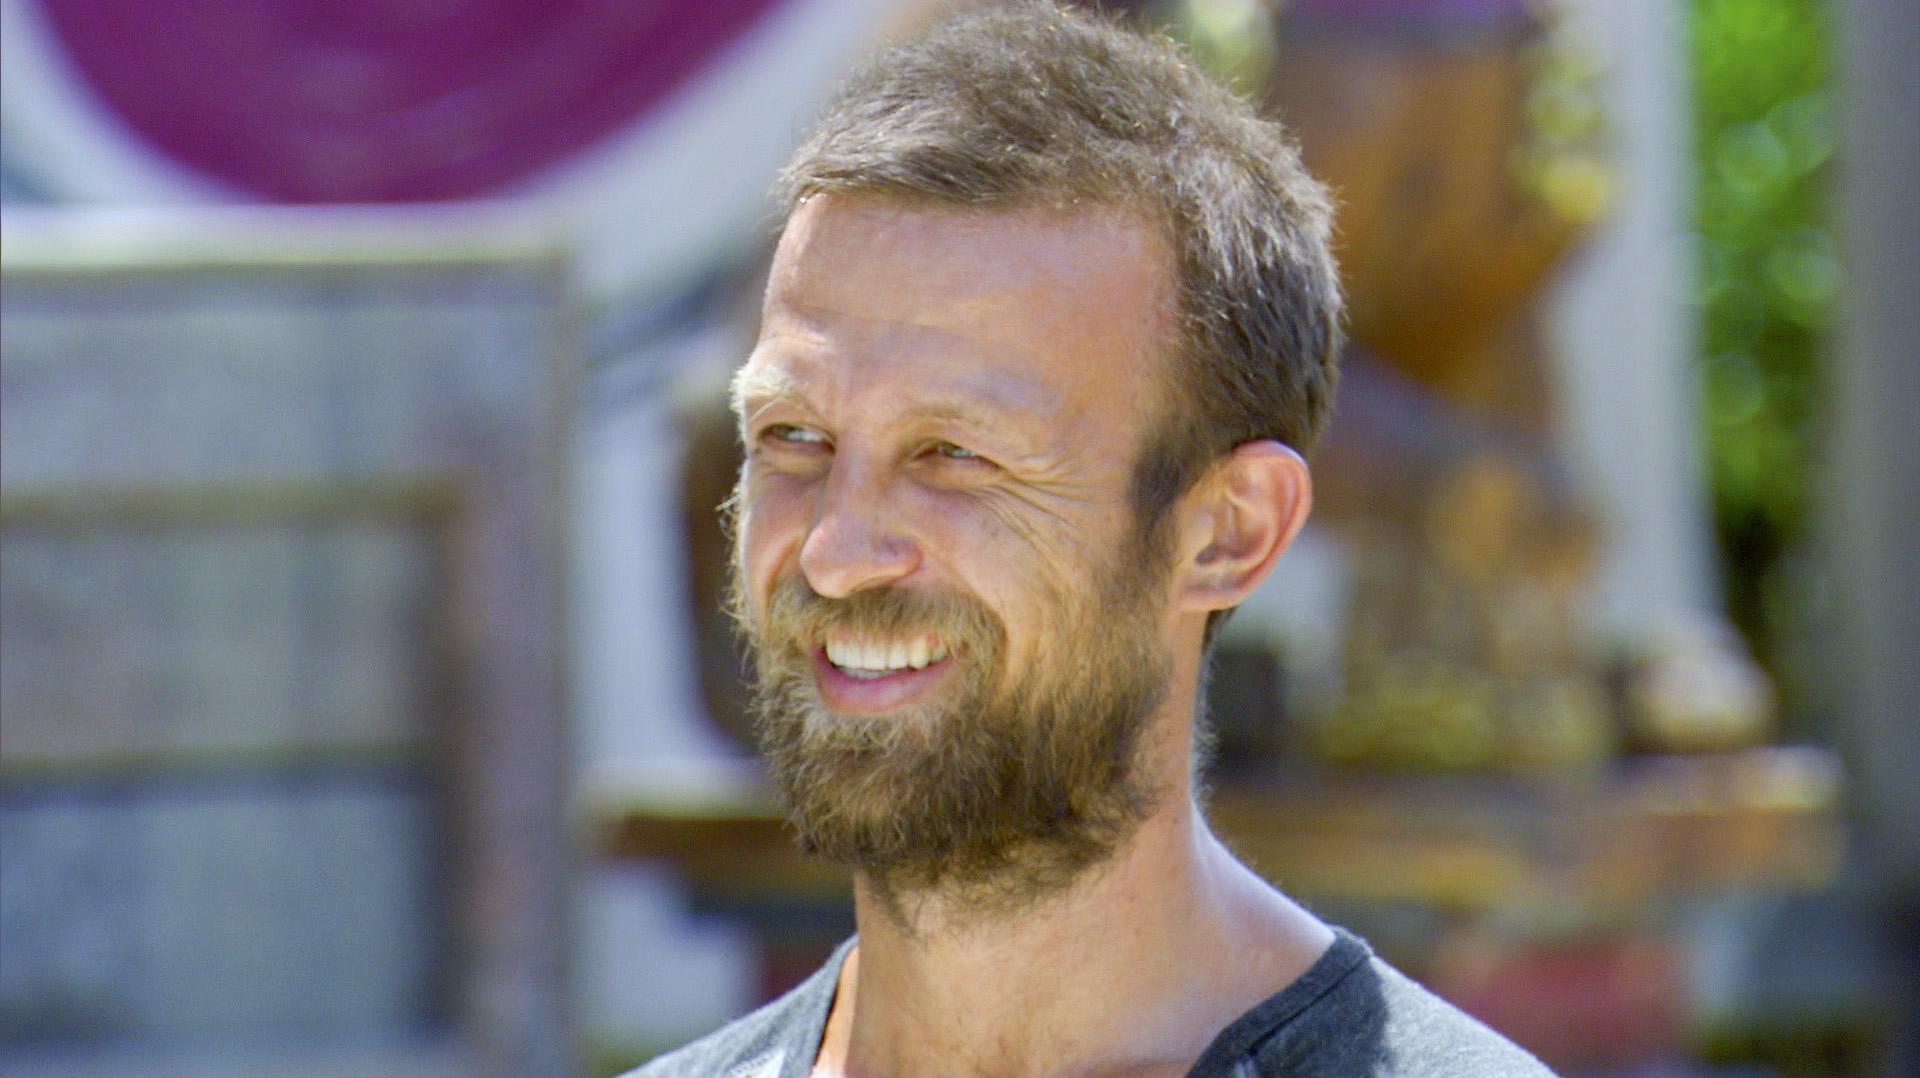 Vytas in Season 27 Episode 11